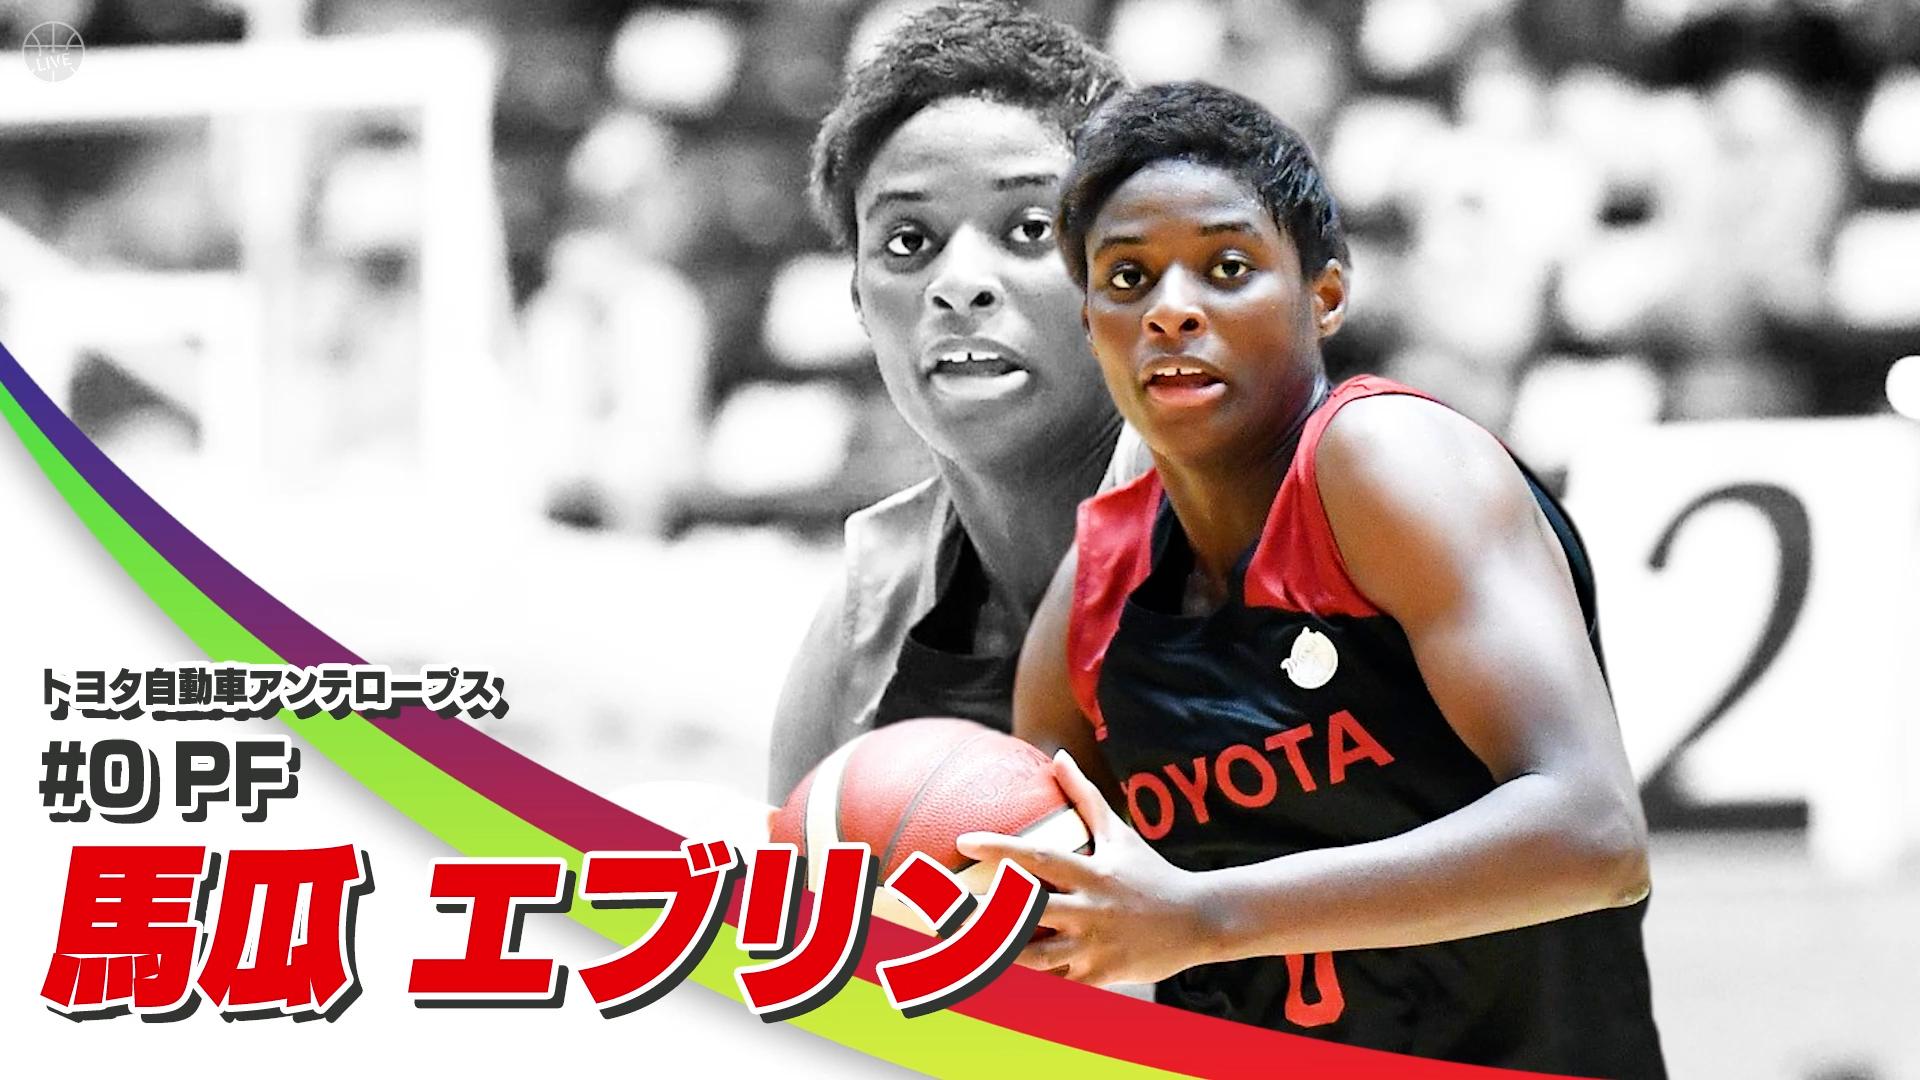 【女子バスケ】Wリーグ開幕!注目選手!馬瓜エブリン(トヨタ自動車 アンテロープス)